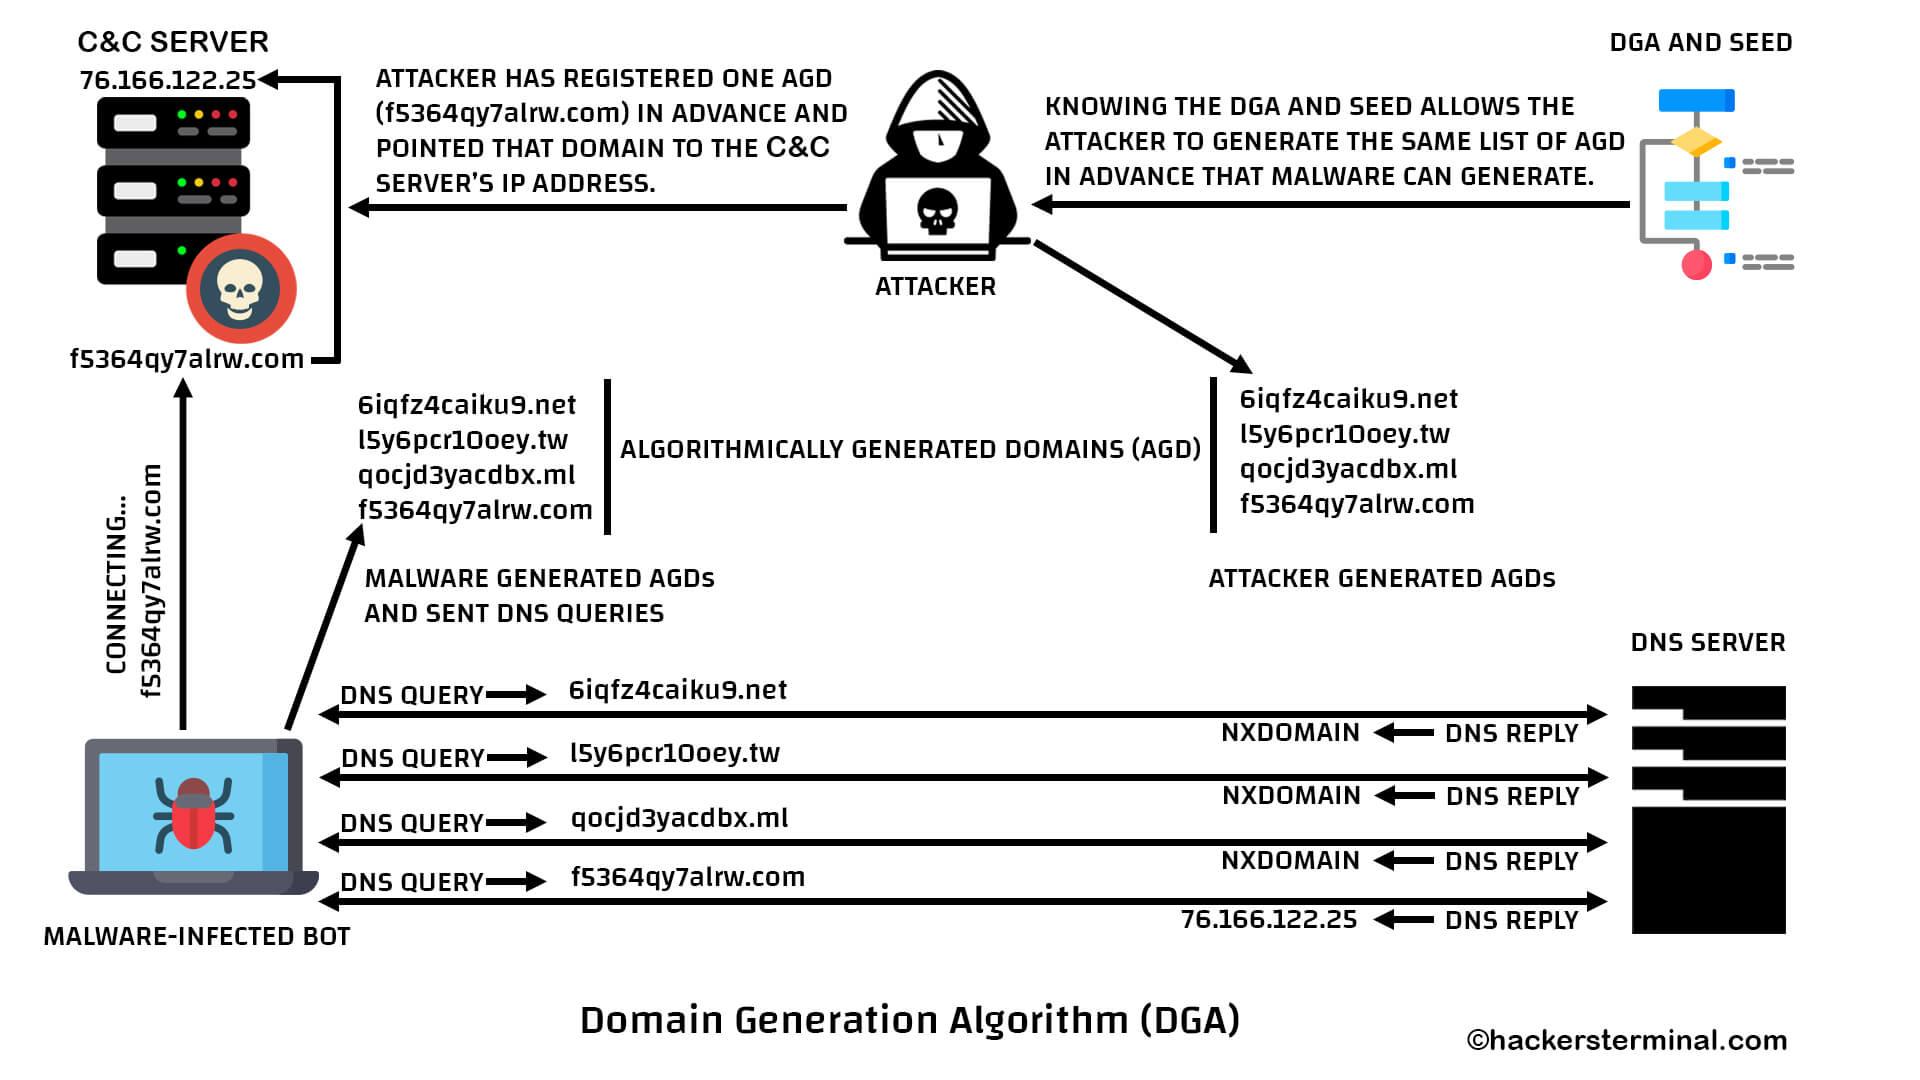 Domain Generation Algorithm - DGA